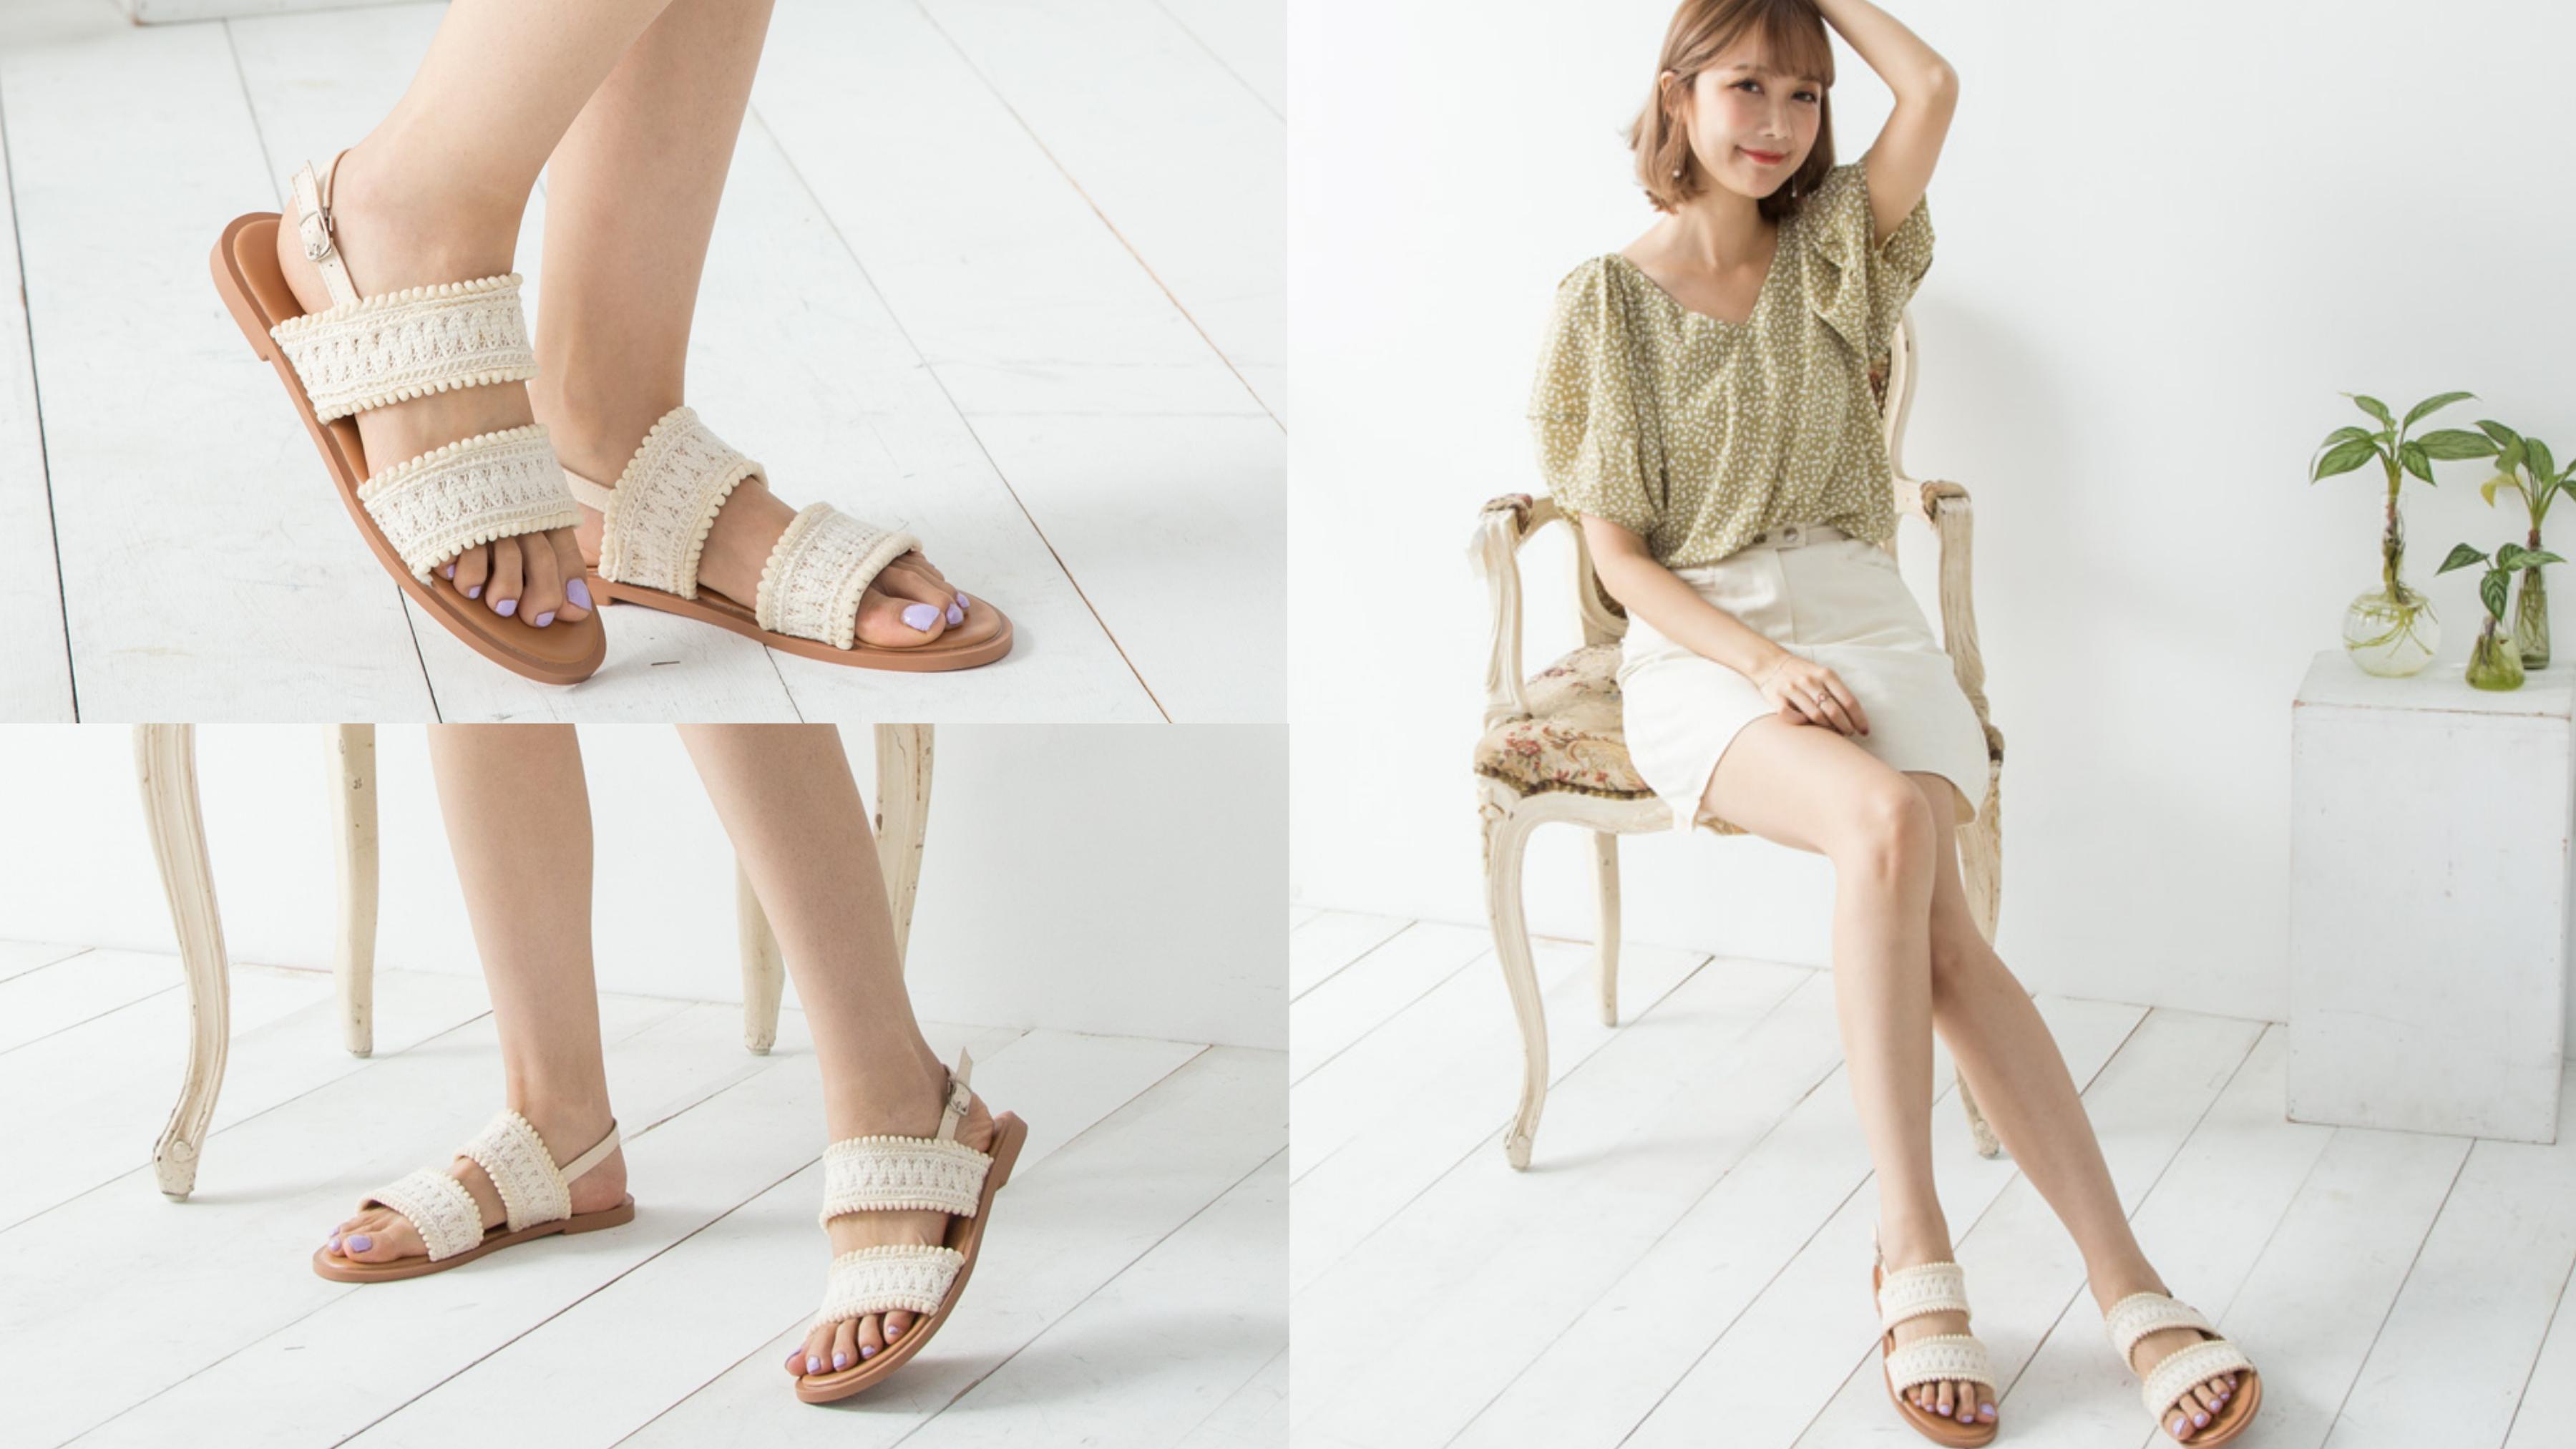 韓風美人感十足的織面涼鞋,增加毛球滾邊元素帶出輕鬆愜意的渡假氣息